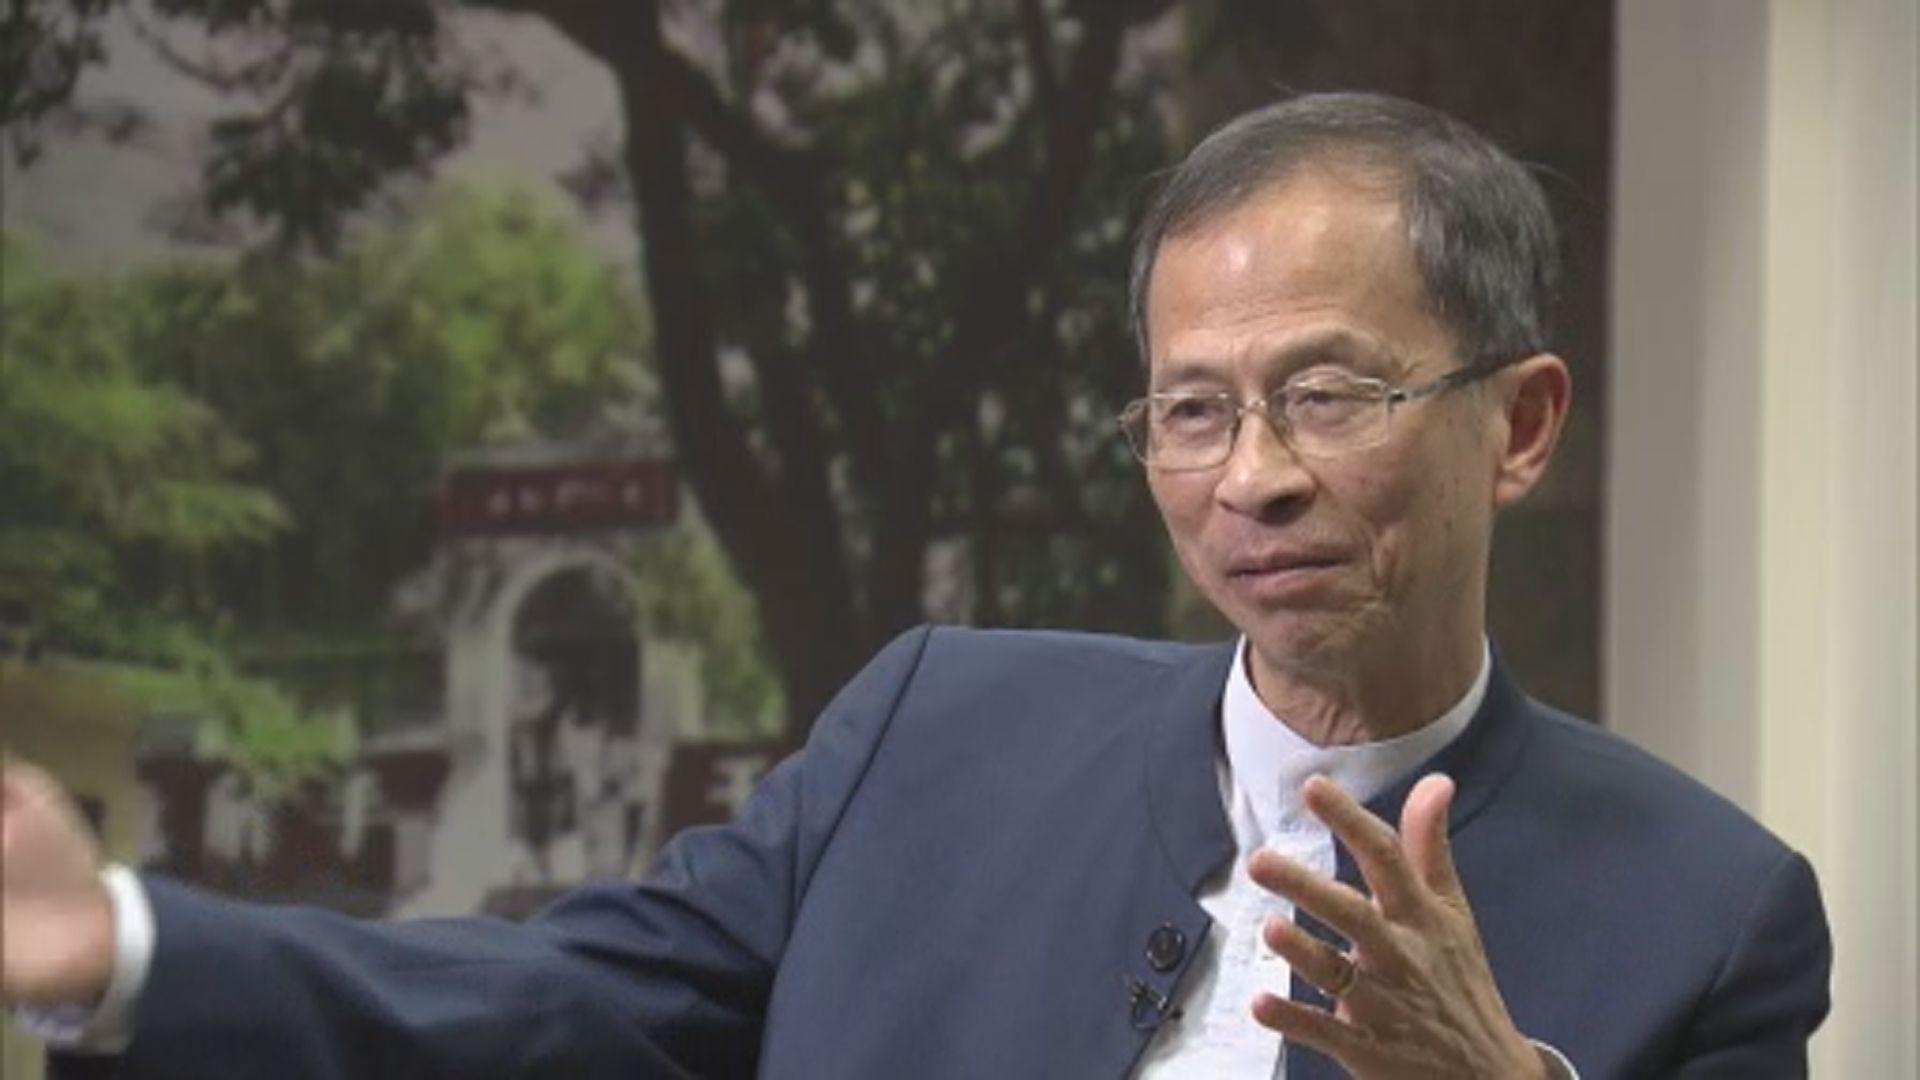 【即日焦點】專訪曾鈺成- 談政改論反修例衝突;中央電視台罕有連播香港新聞